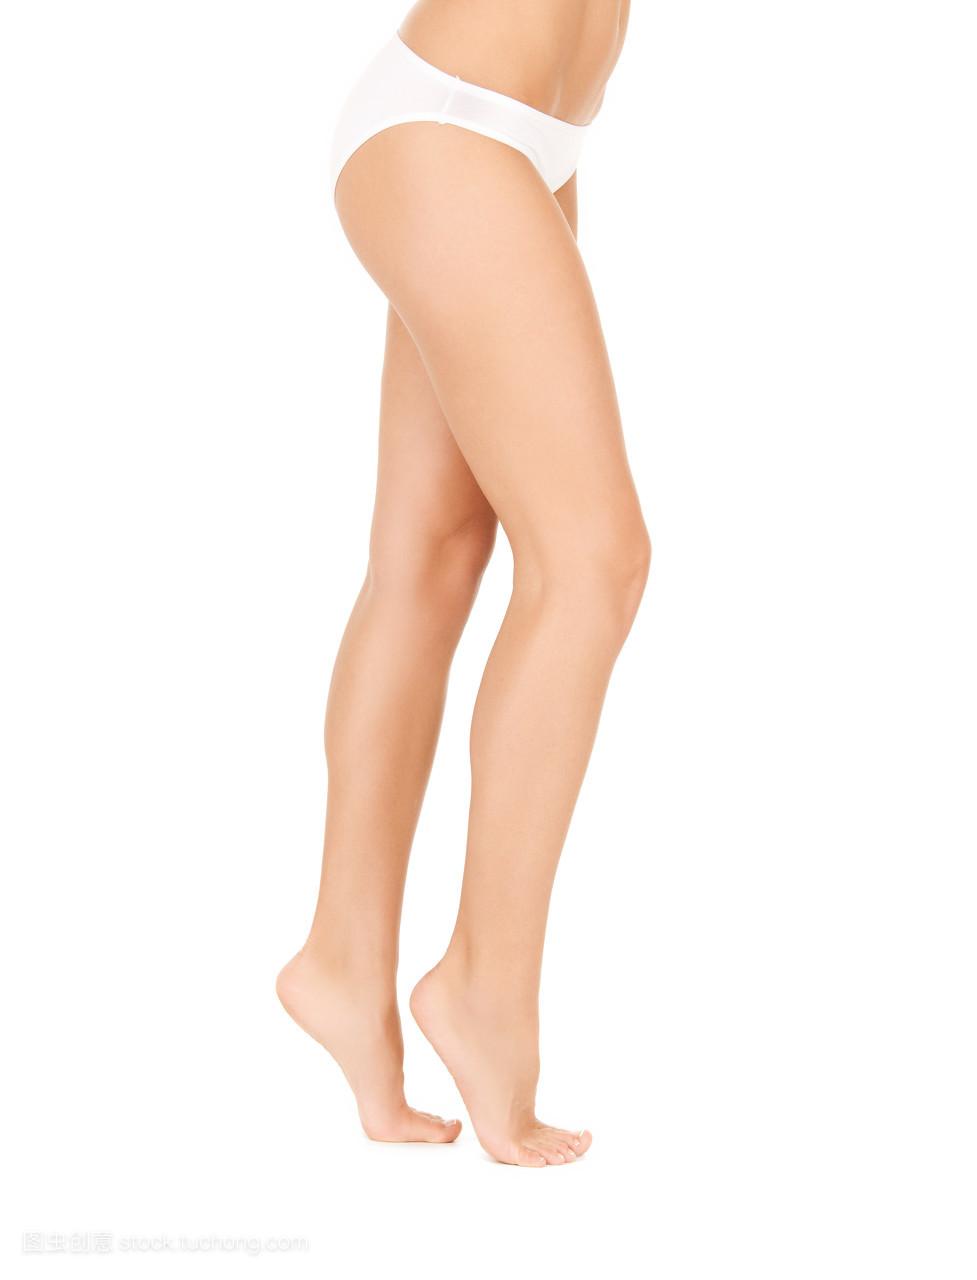 熟女肛交番�_黄色电影网大奶熟女肛交妈咪的短衬裤西西人体艺术做爱色av人体艺术.